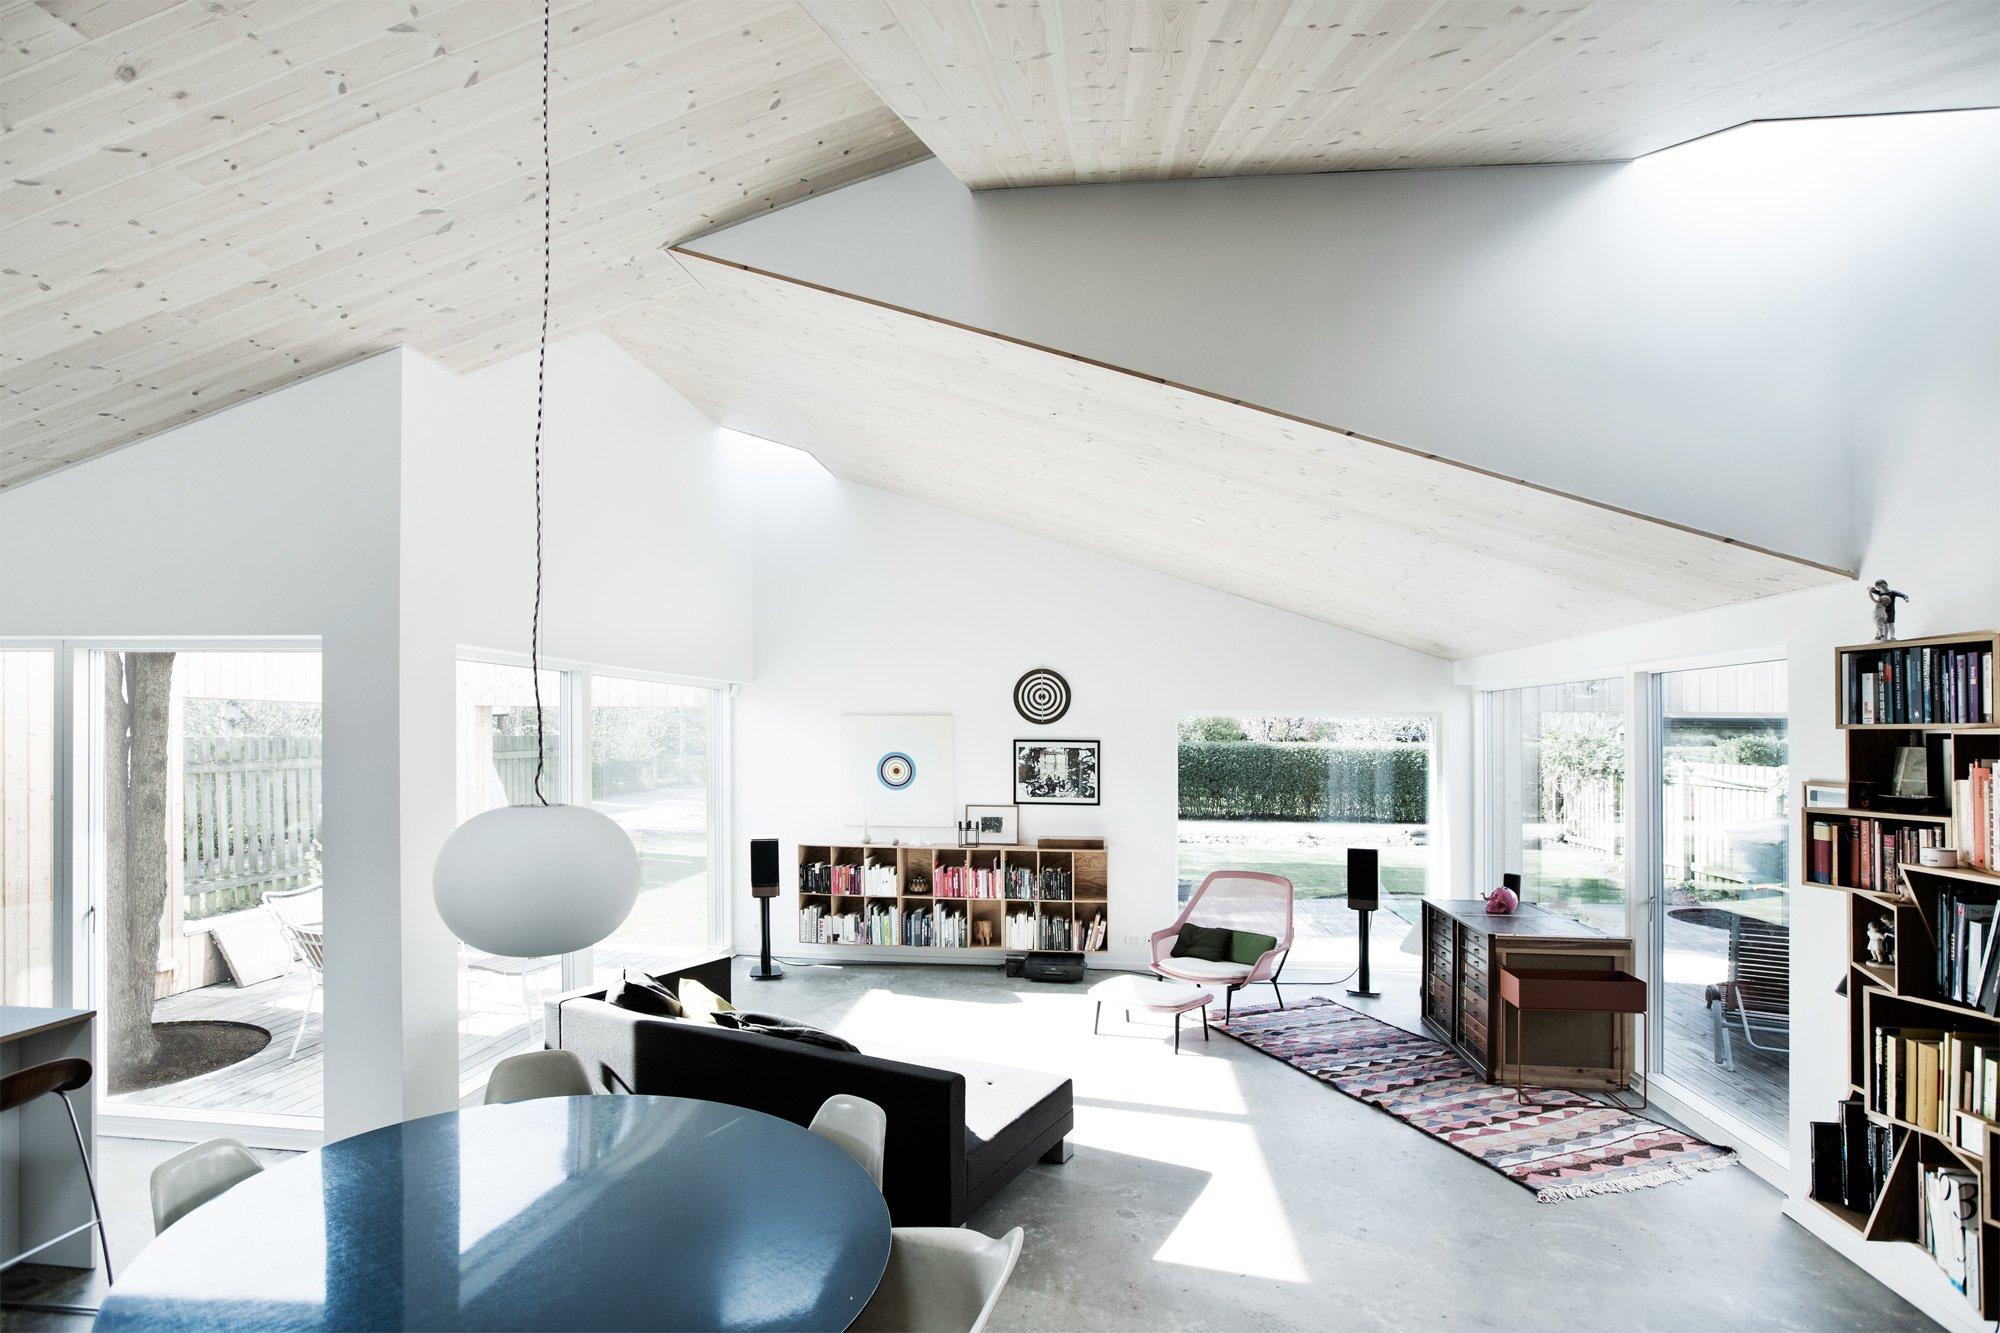 Innenansicht. Foto/ Copyright: Sigurd Larsen Design & Architecture